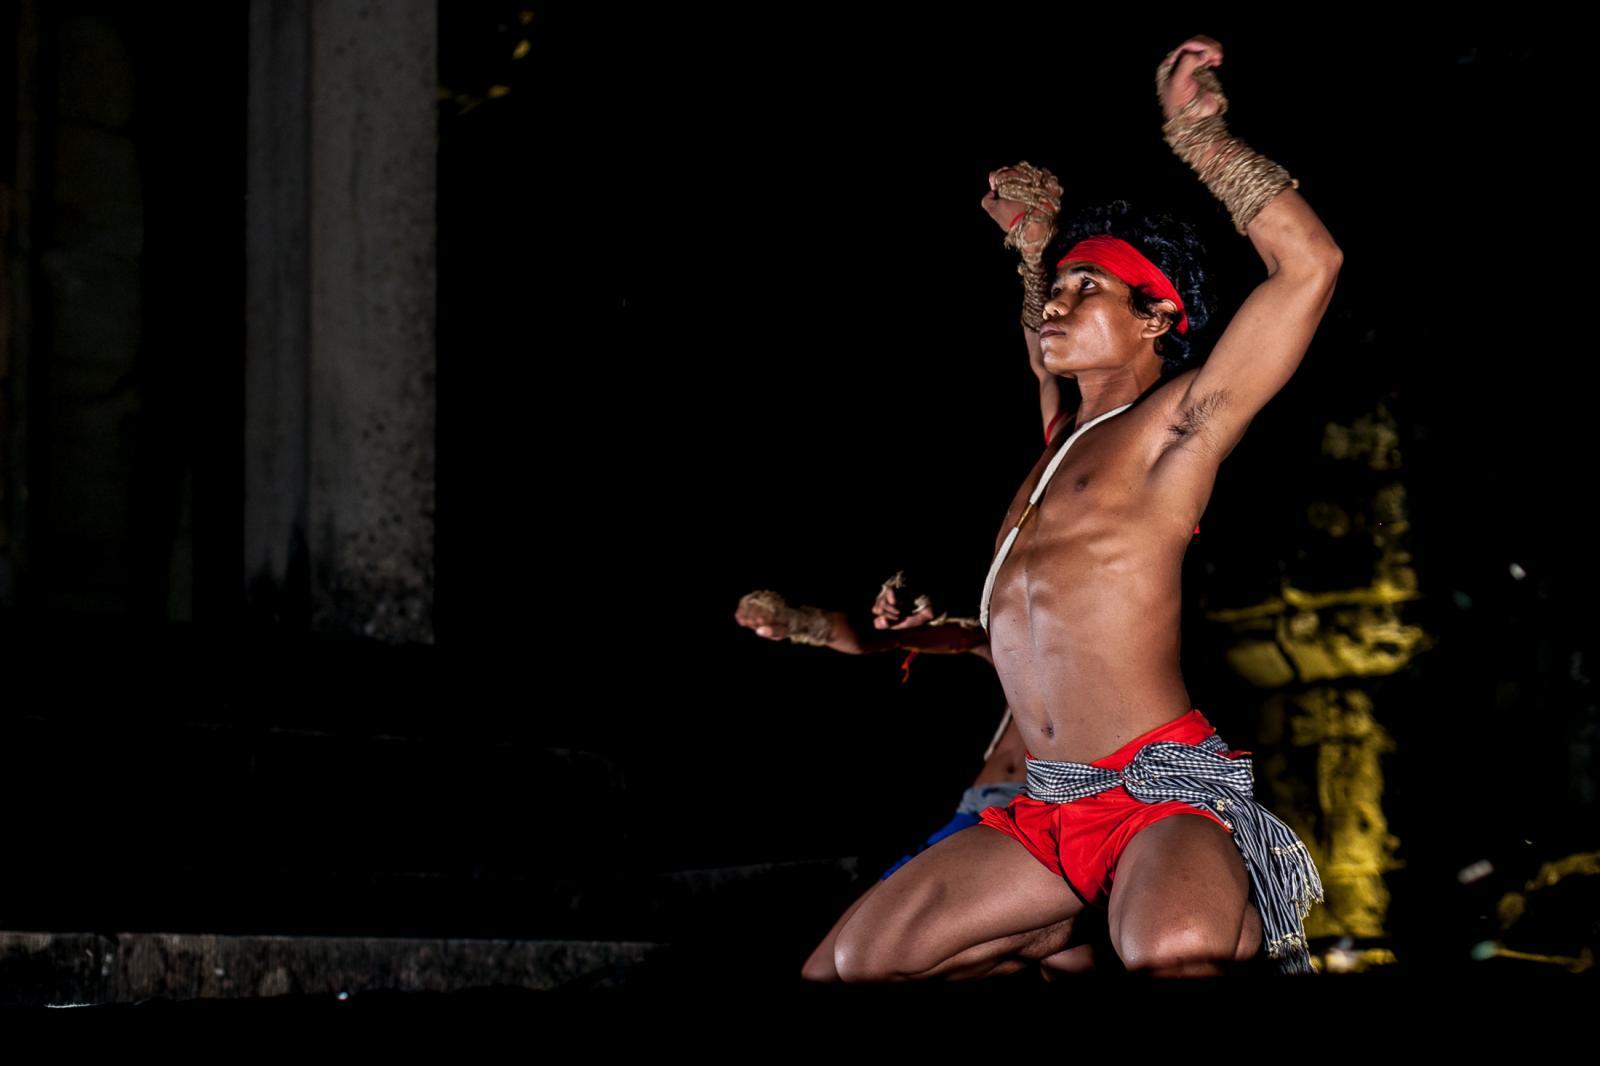 Photography image - Loading 003_Kun-Khmer-Cambodia.jpg